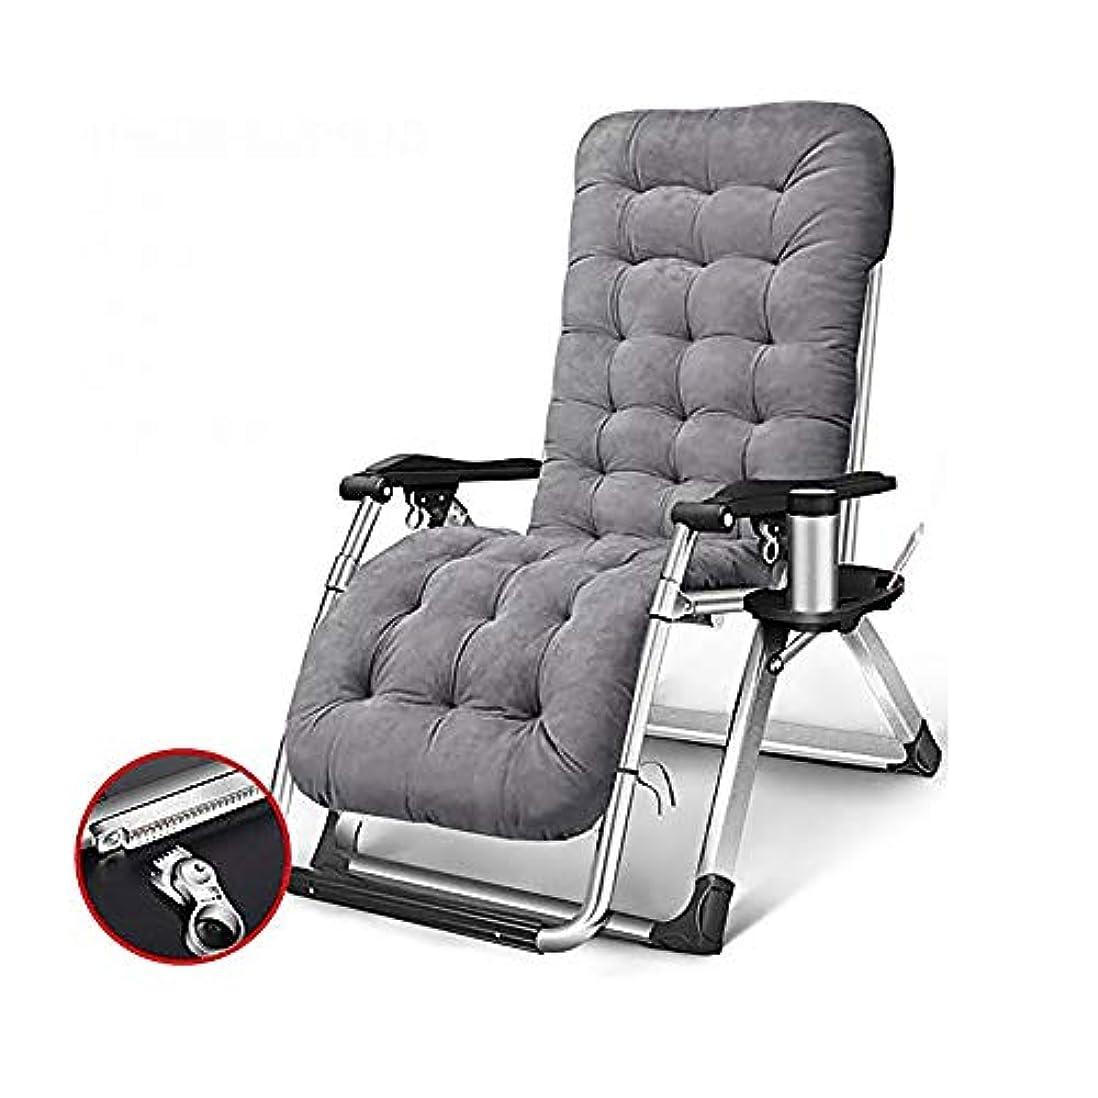 アーネストシャクルトン計画的侵略Super Kh® 折り畳み式椅子の椅子の椅子高齢者のレジャーのアームチェア調節可能な庭のリクライニング夏のビーチチェア軽量取り外し可能なクッション (色 : Gray)